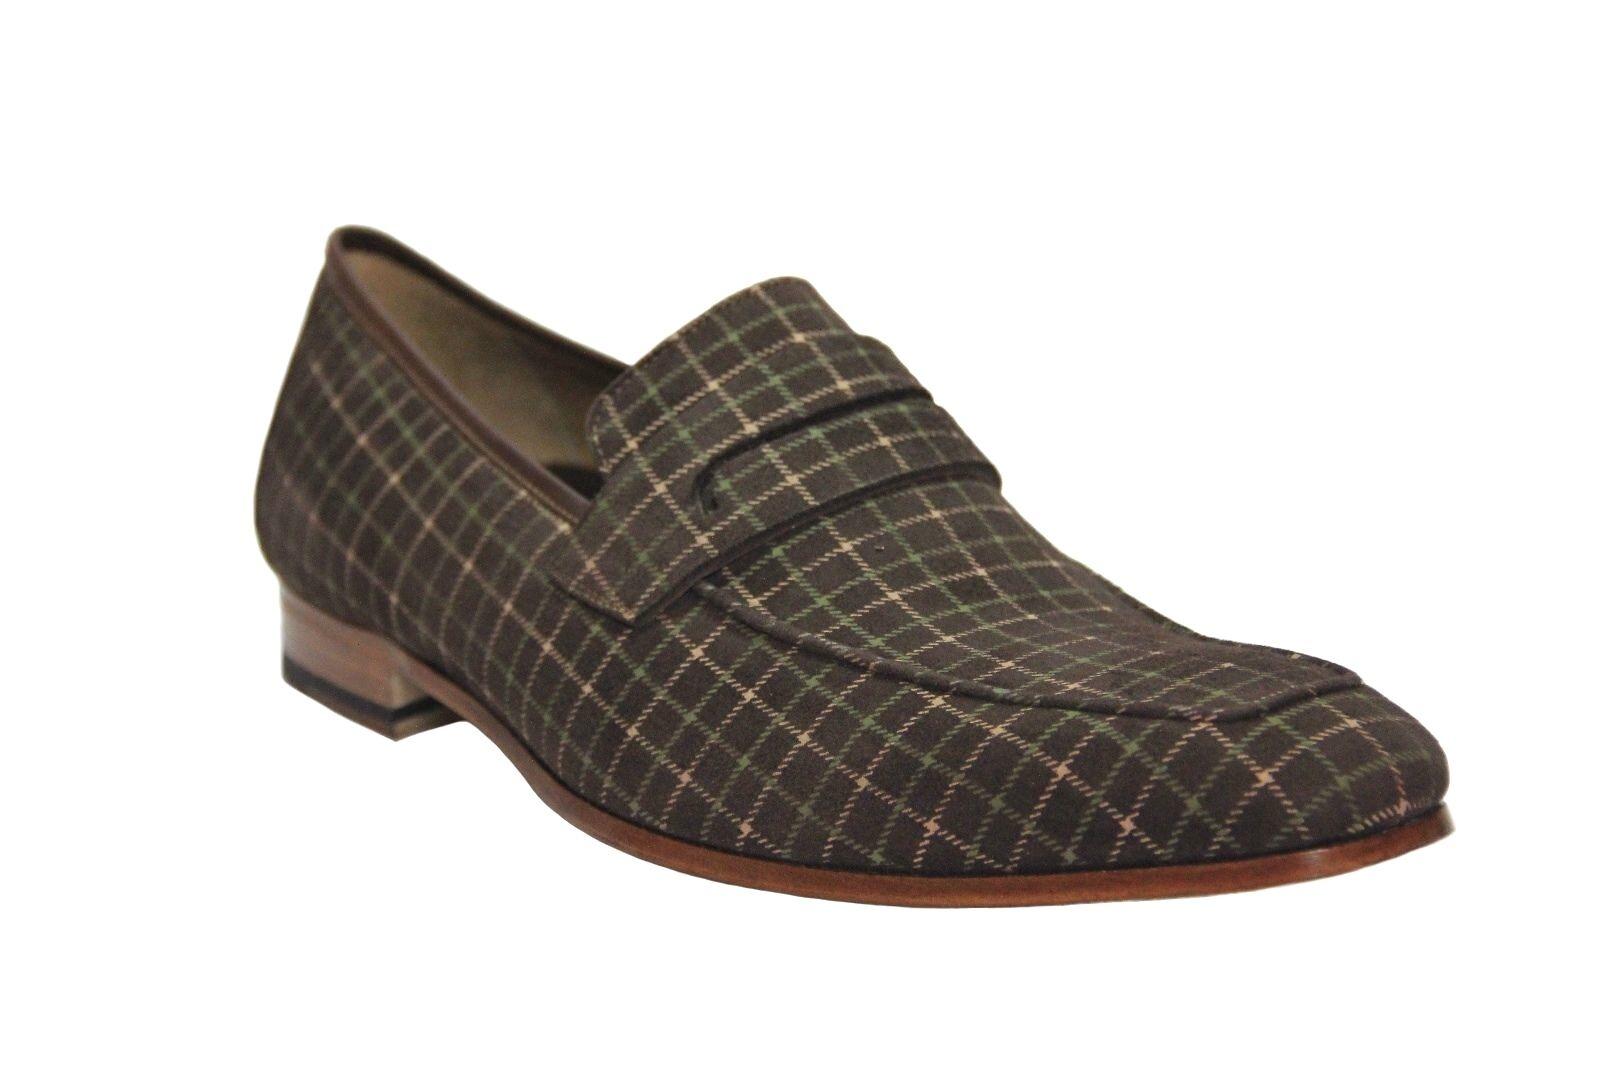 Mezlan Galen Men's Suede Marronee Plaid Slip On Dress scarpe Made in Spain 6686